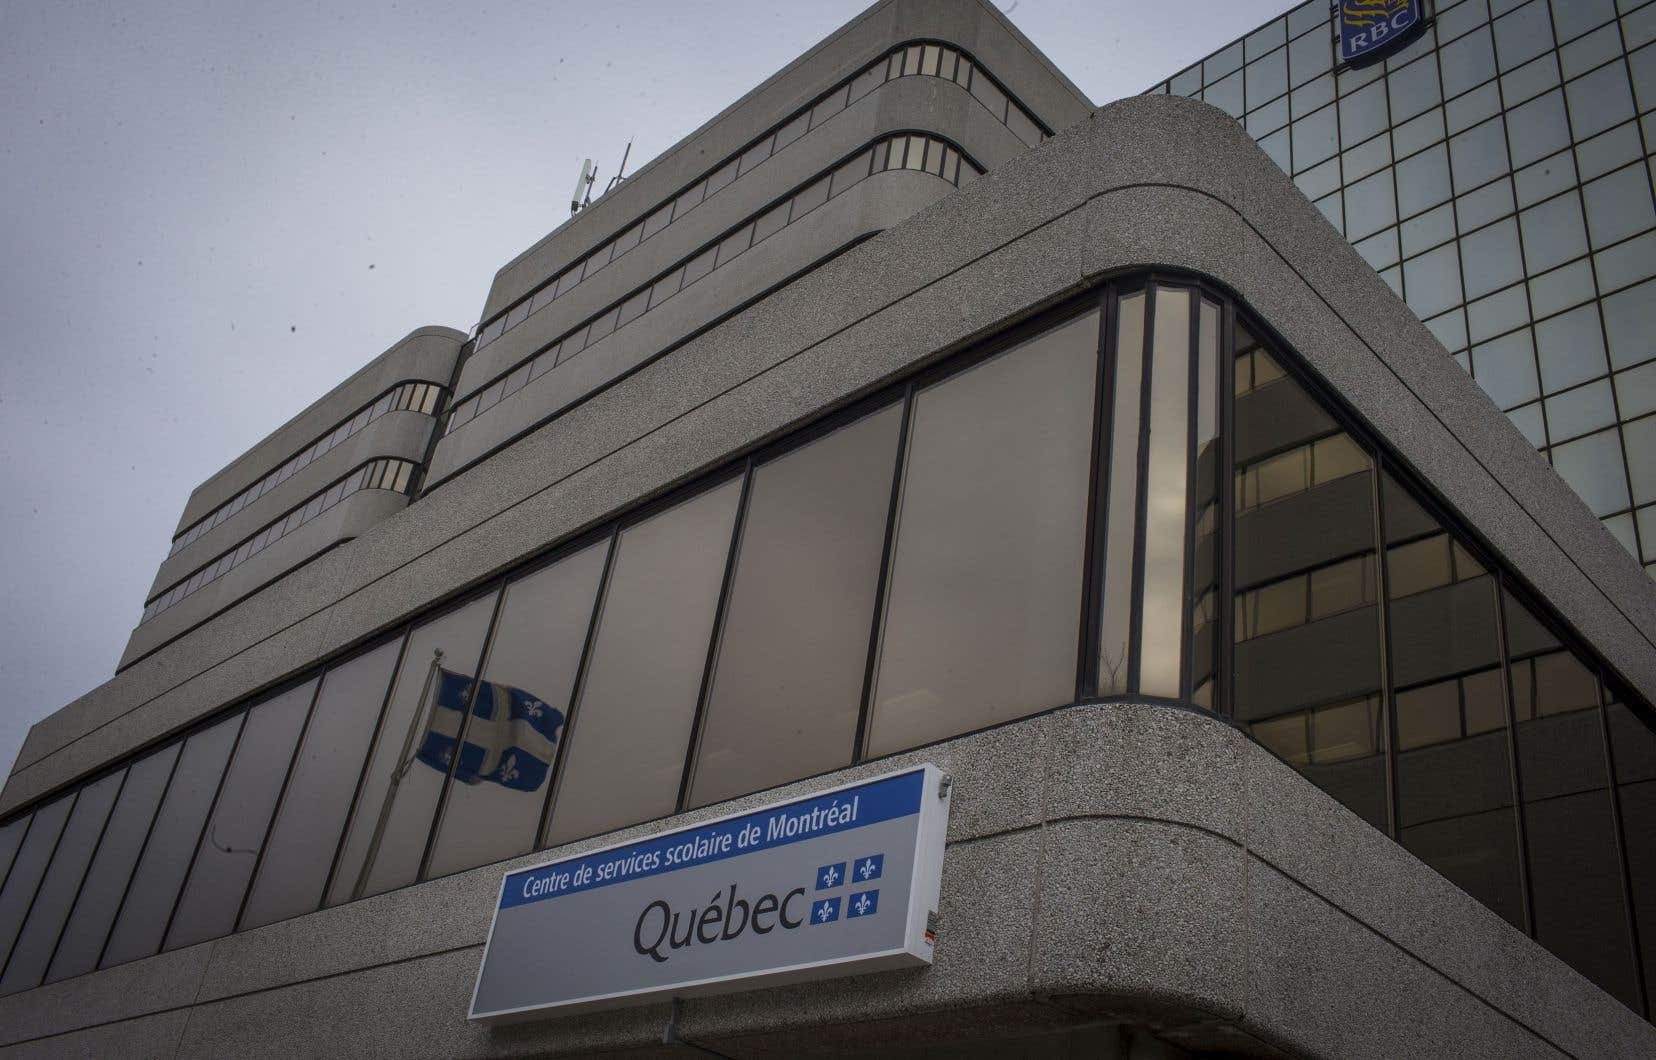 Le Centre de services scolaire de Montréal a acheminé récemmentdes lettres en français et en anglais aux parents de l'école primaire francophone Lambert-Closse, située dans le Mile-End.